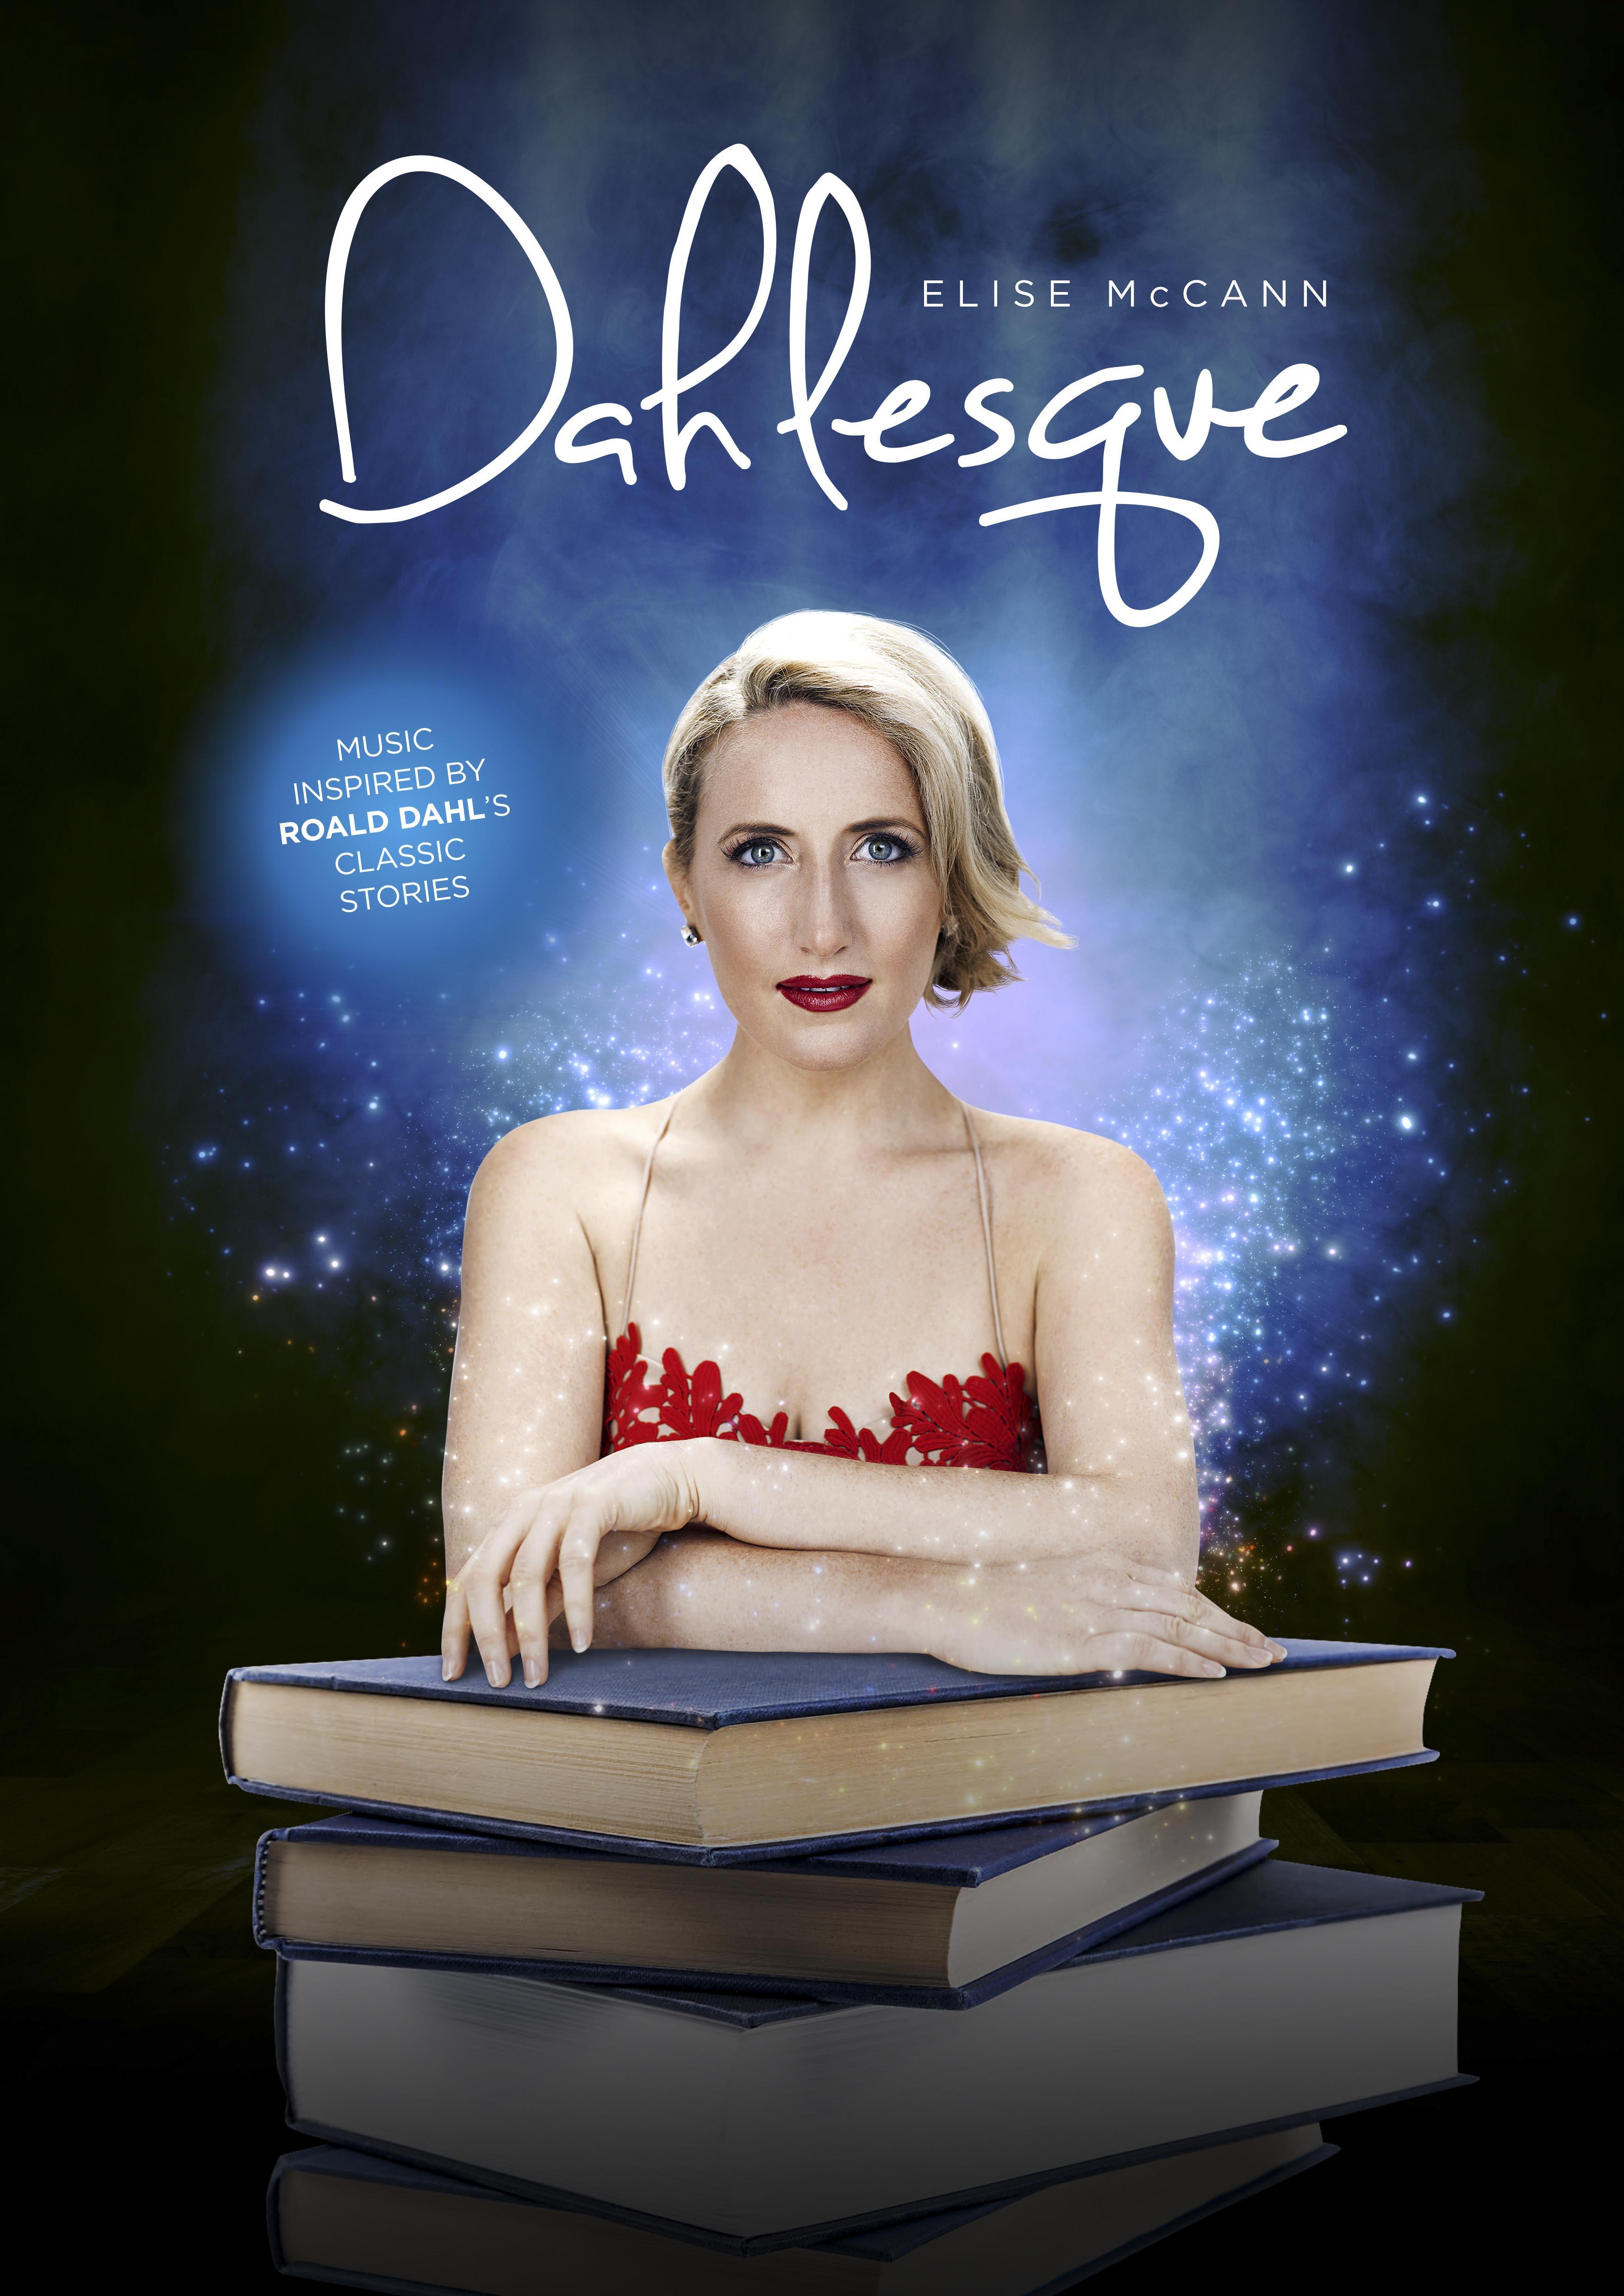 Dahlesque - Elise McCann